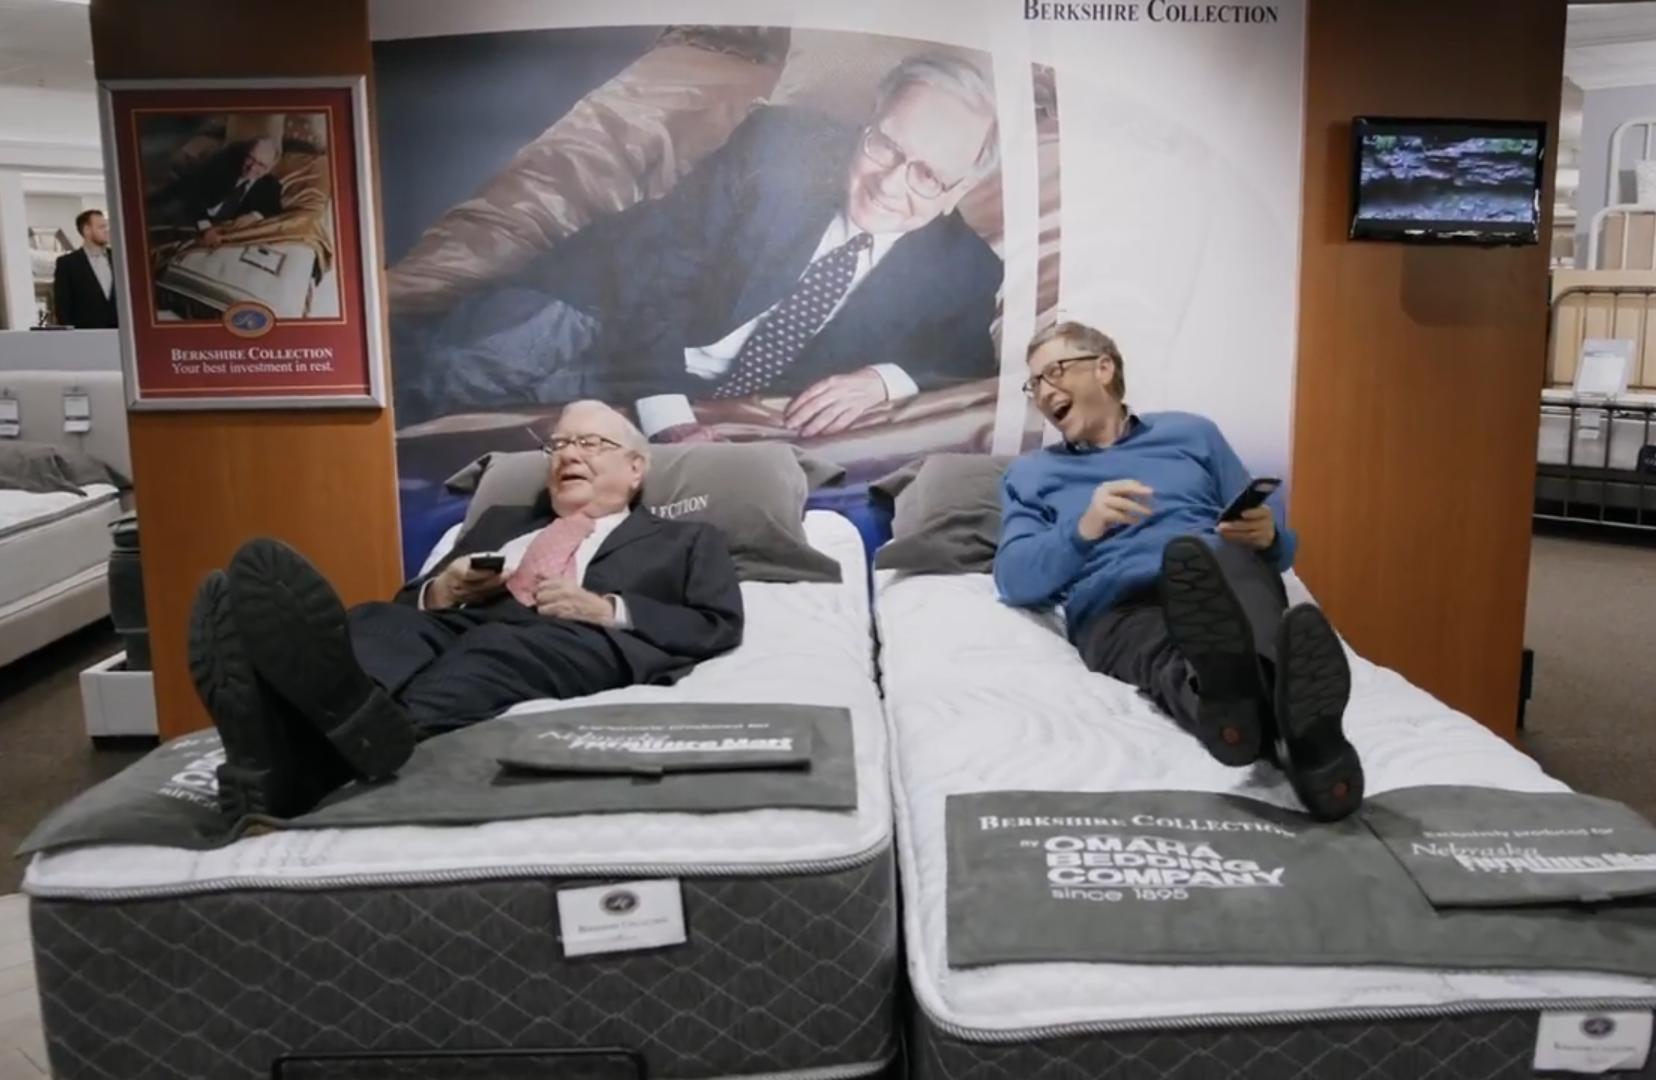 科技雷不撕:厉害!盖茨带着巴菲特测评床垫